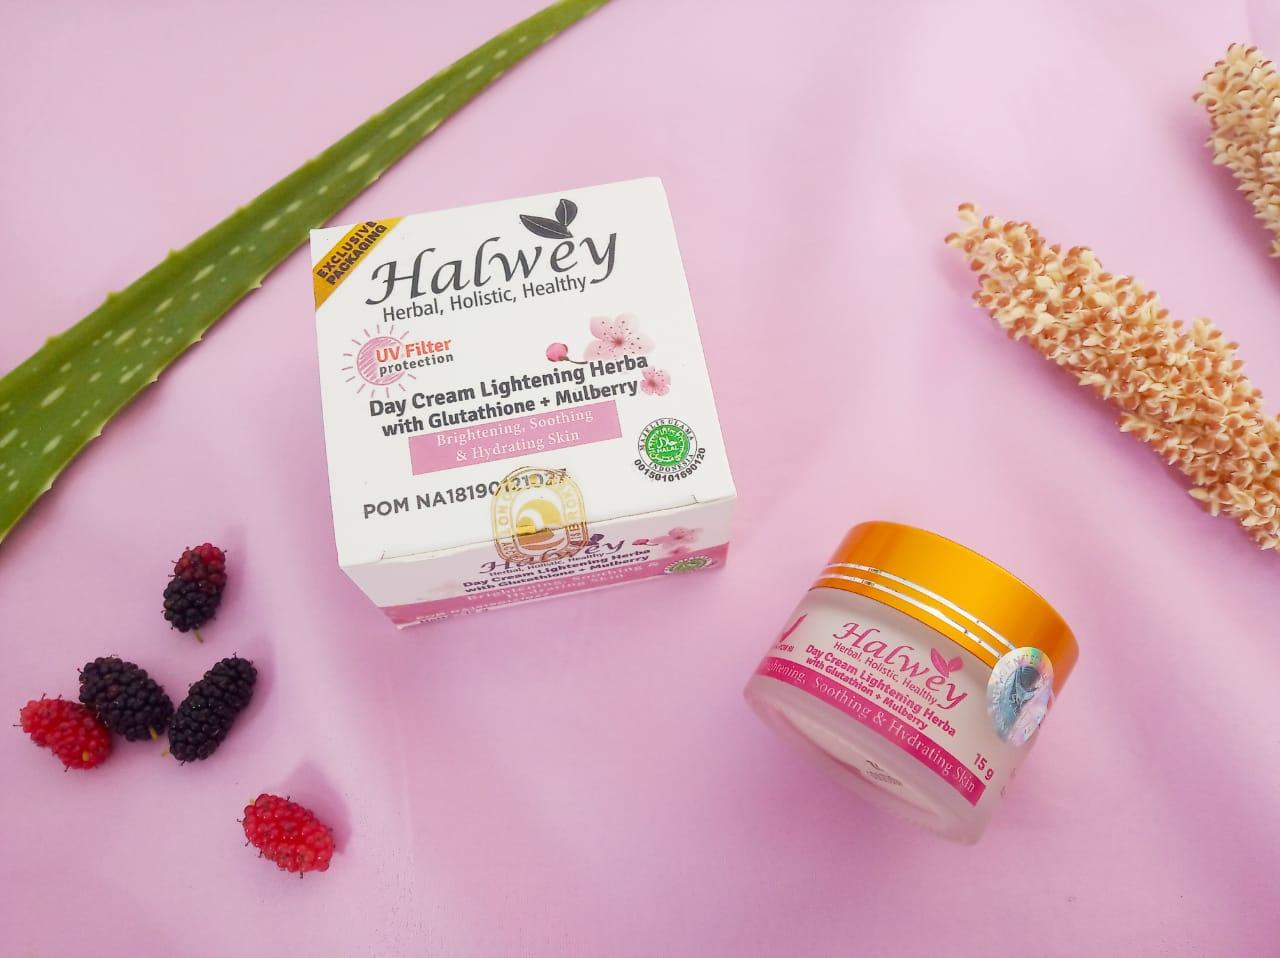 bahan-bahan day cream Halwey